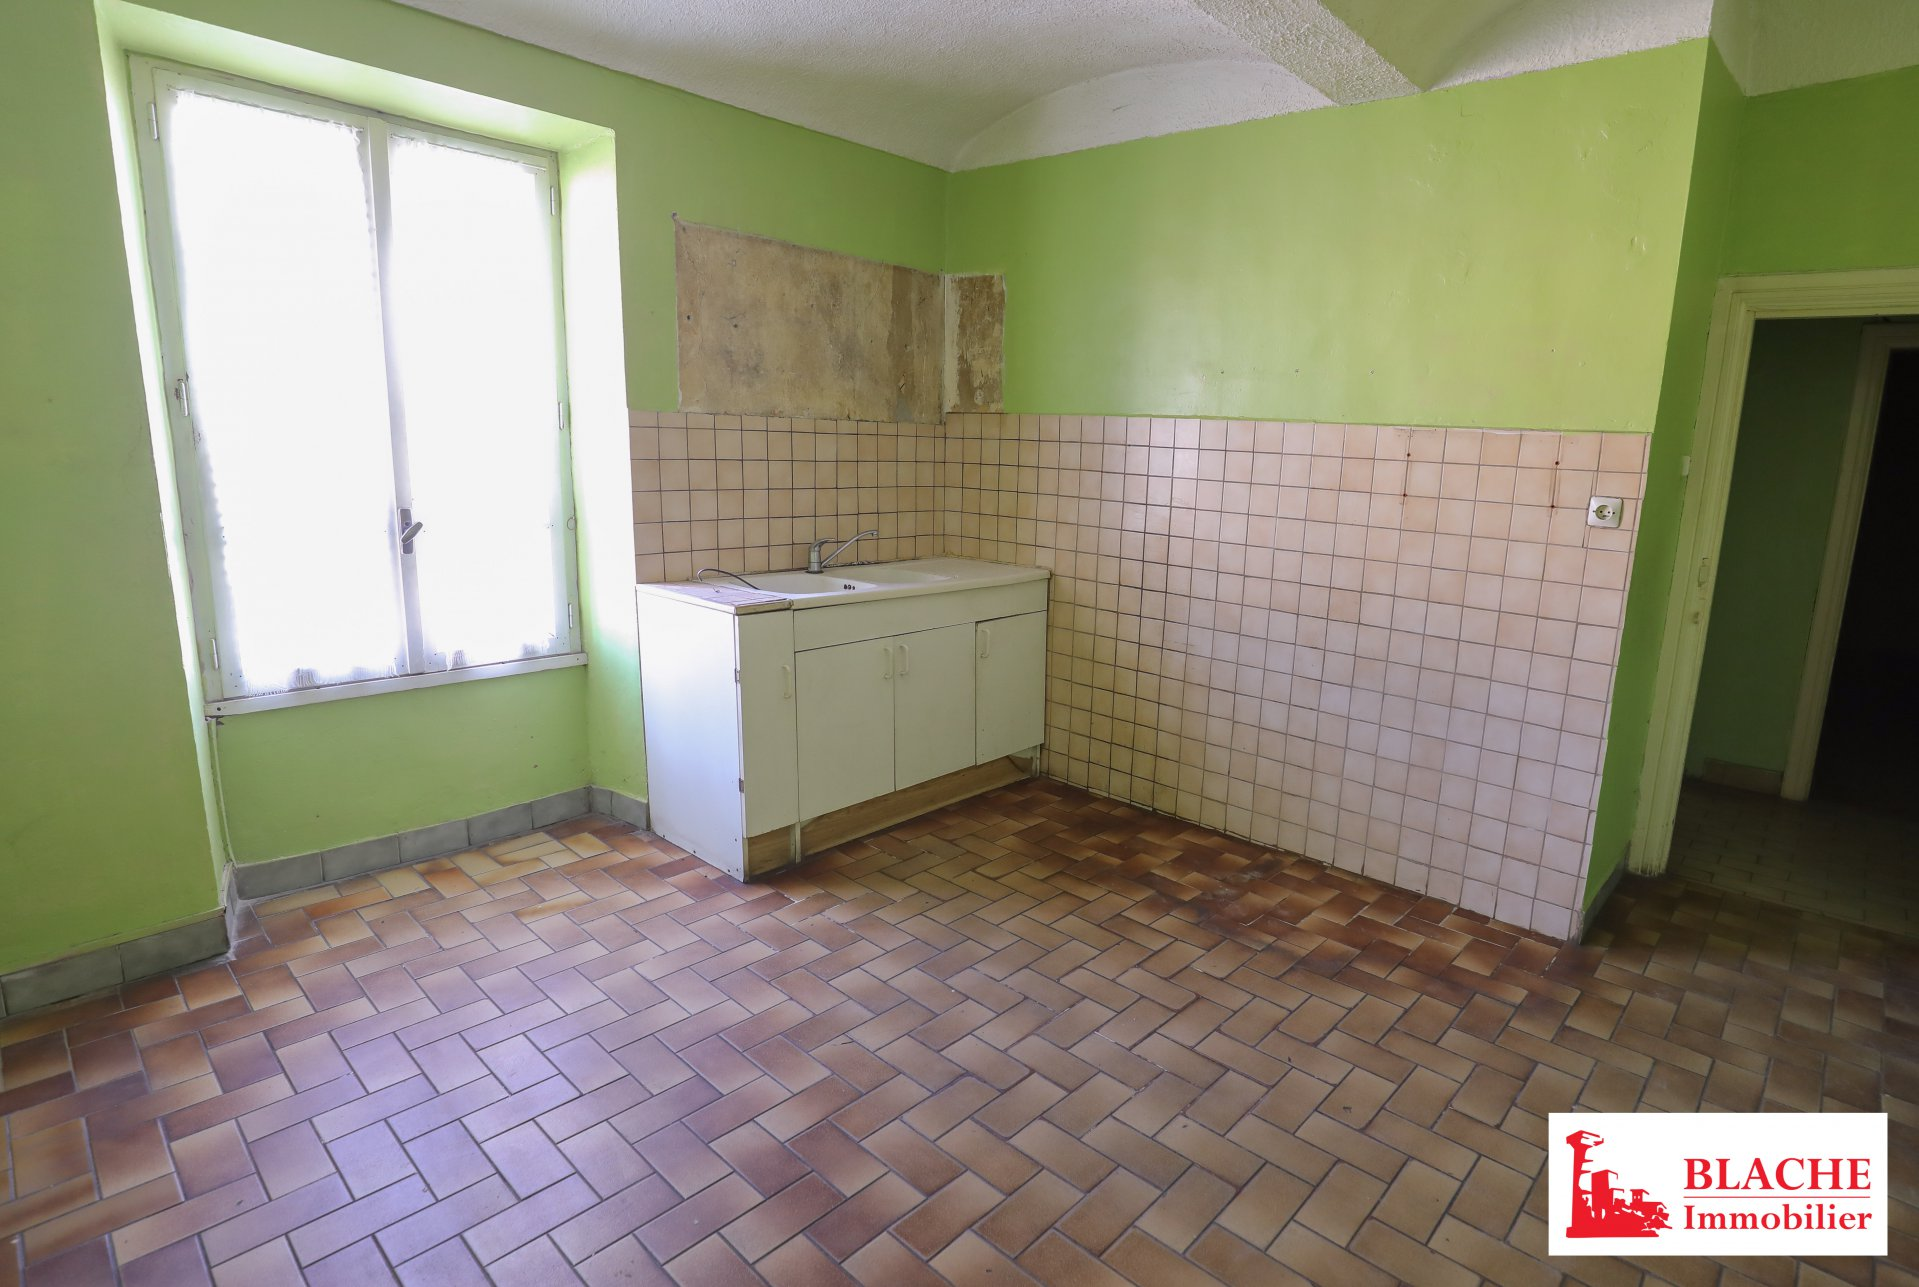 Vente Maison de village - Saulce-sur-Rhône